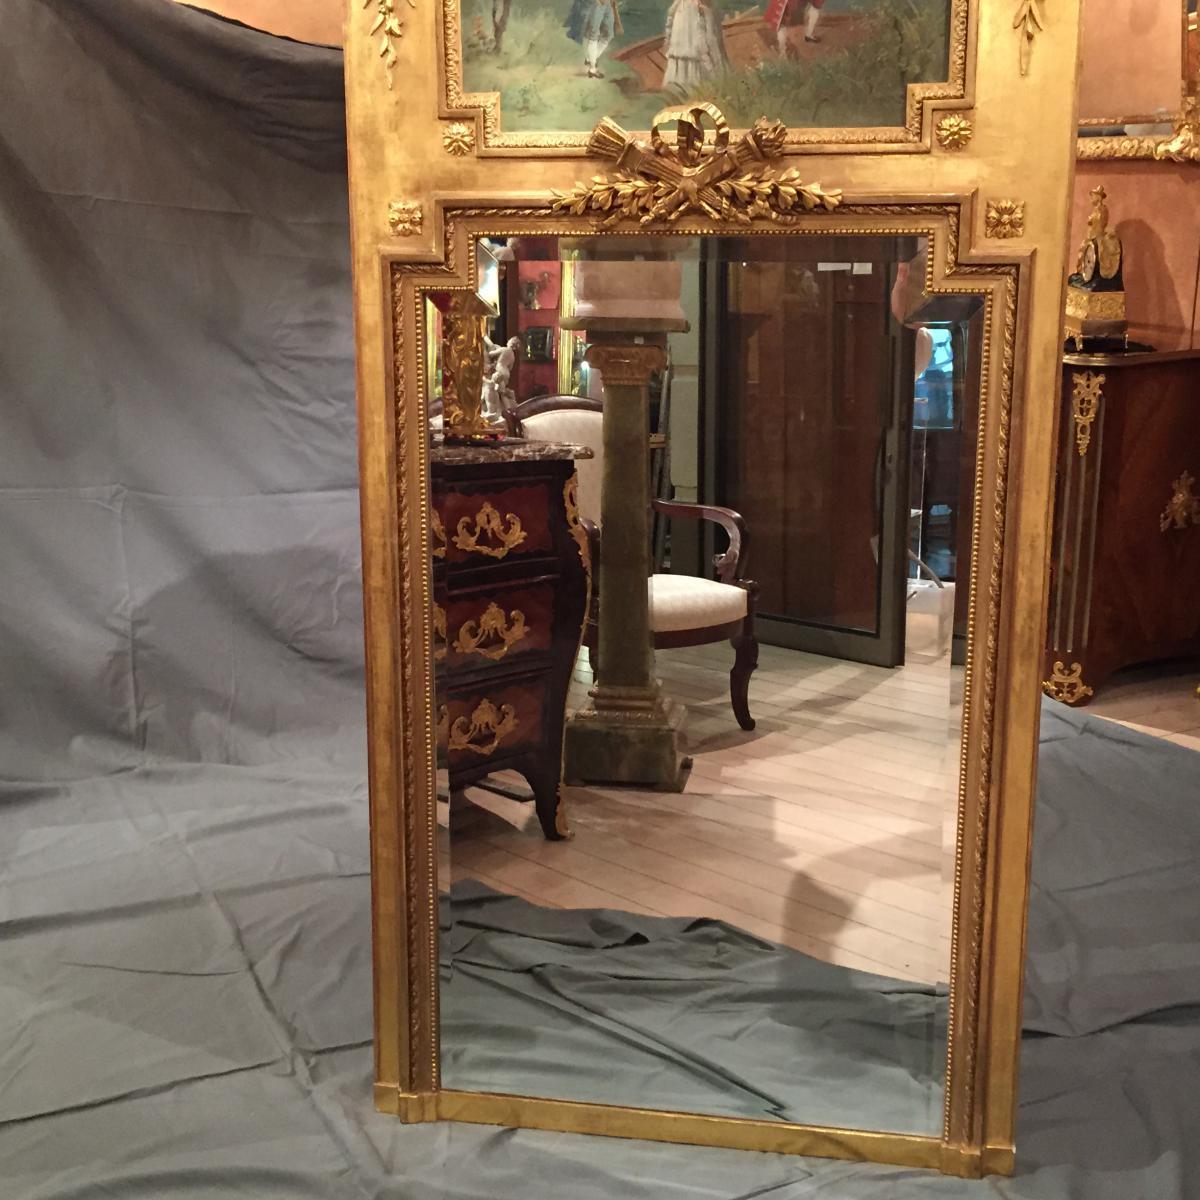 Miroir trumeau de style louis xvi d 39 poque xix me trumeaux for Miroir des modes value